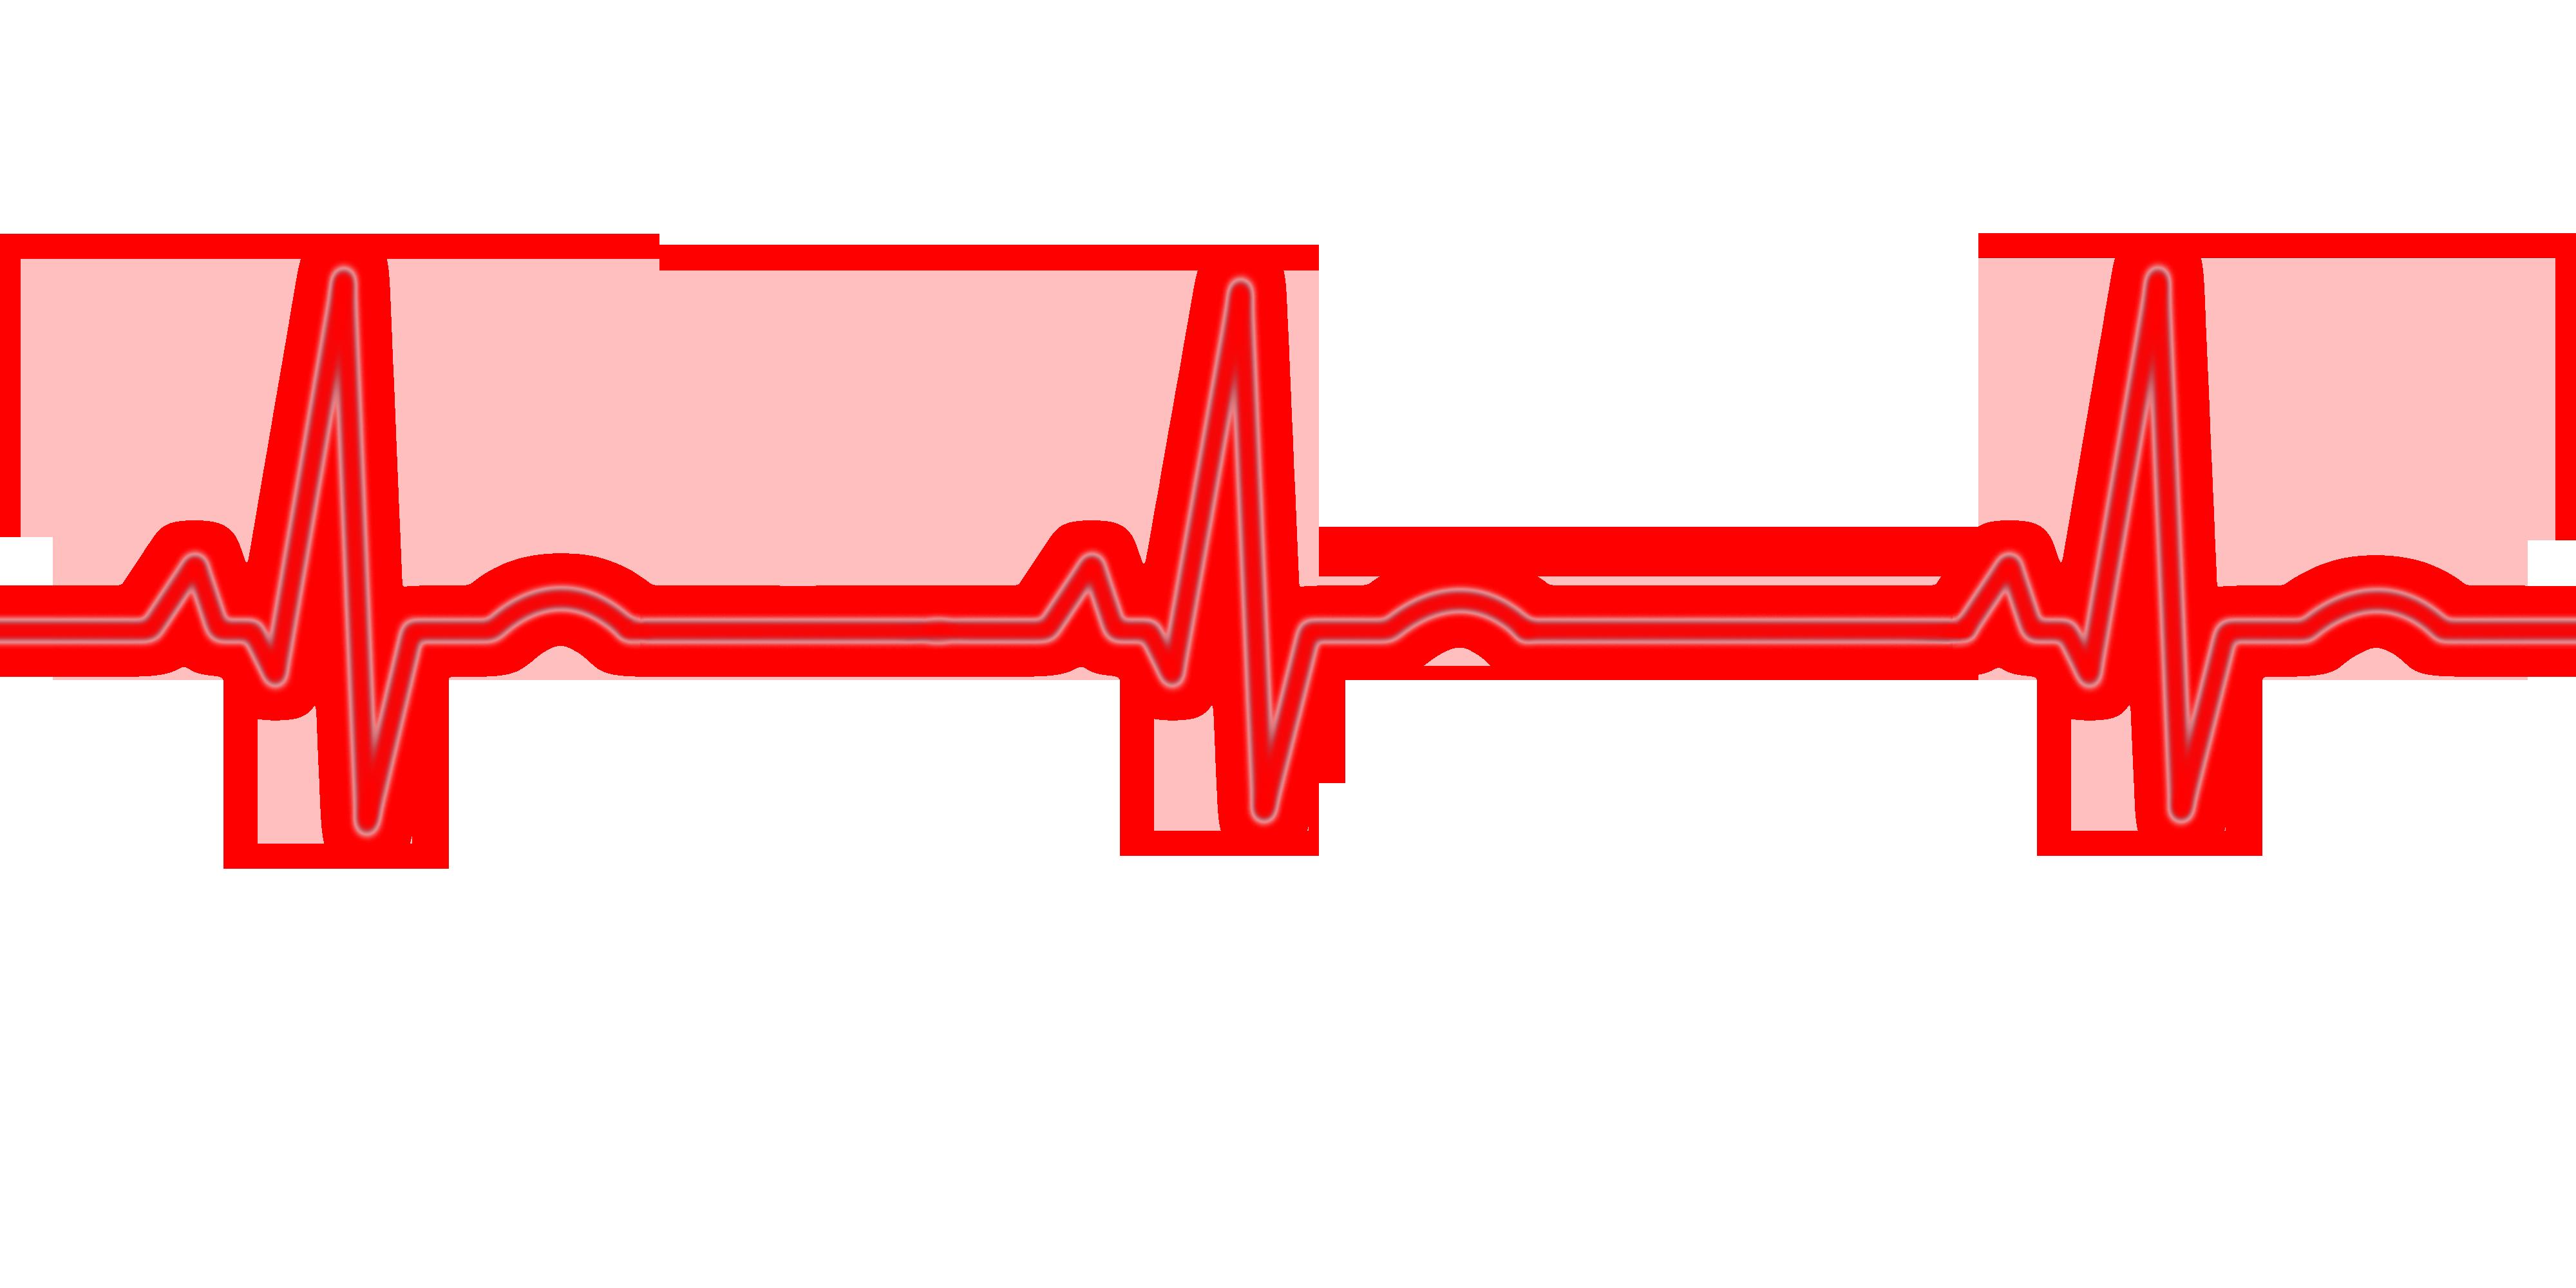 Logo bez EKG - .png · Logo bez EKG - .svg - Ekg PNG